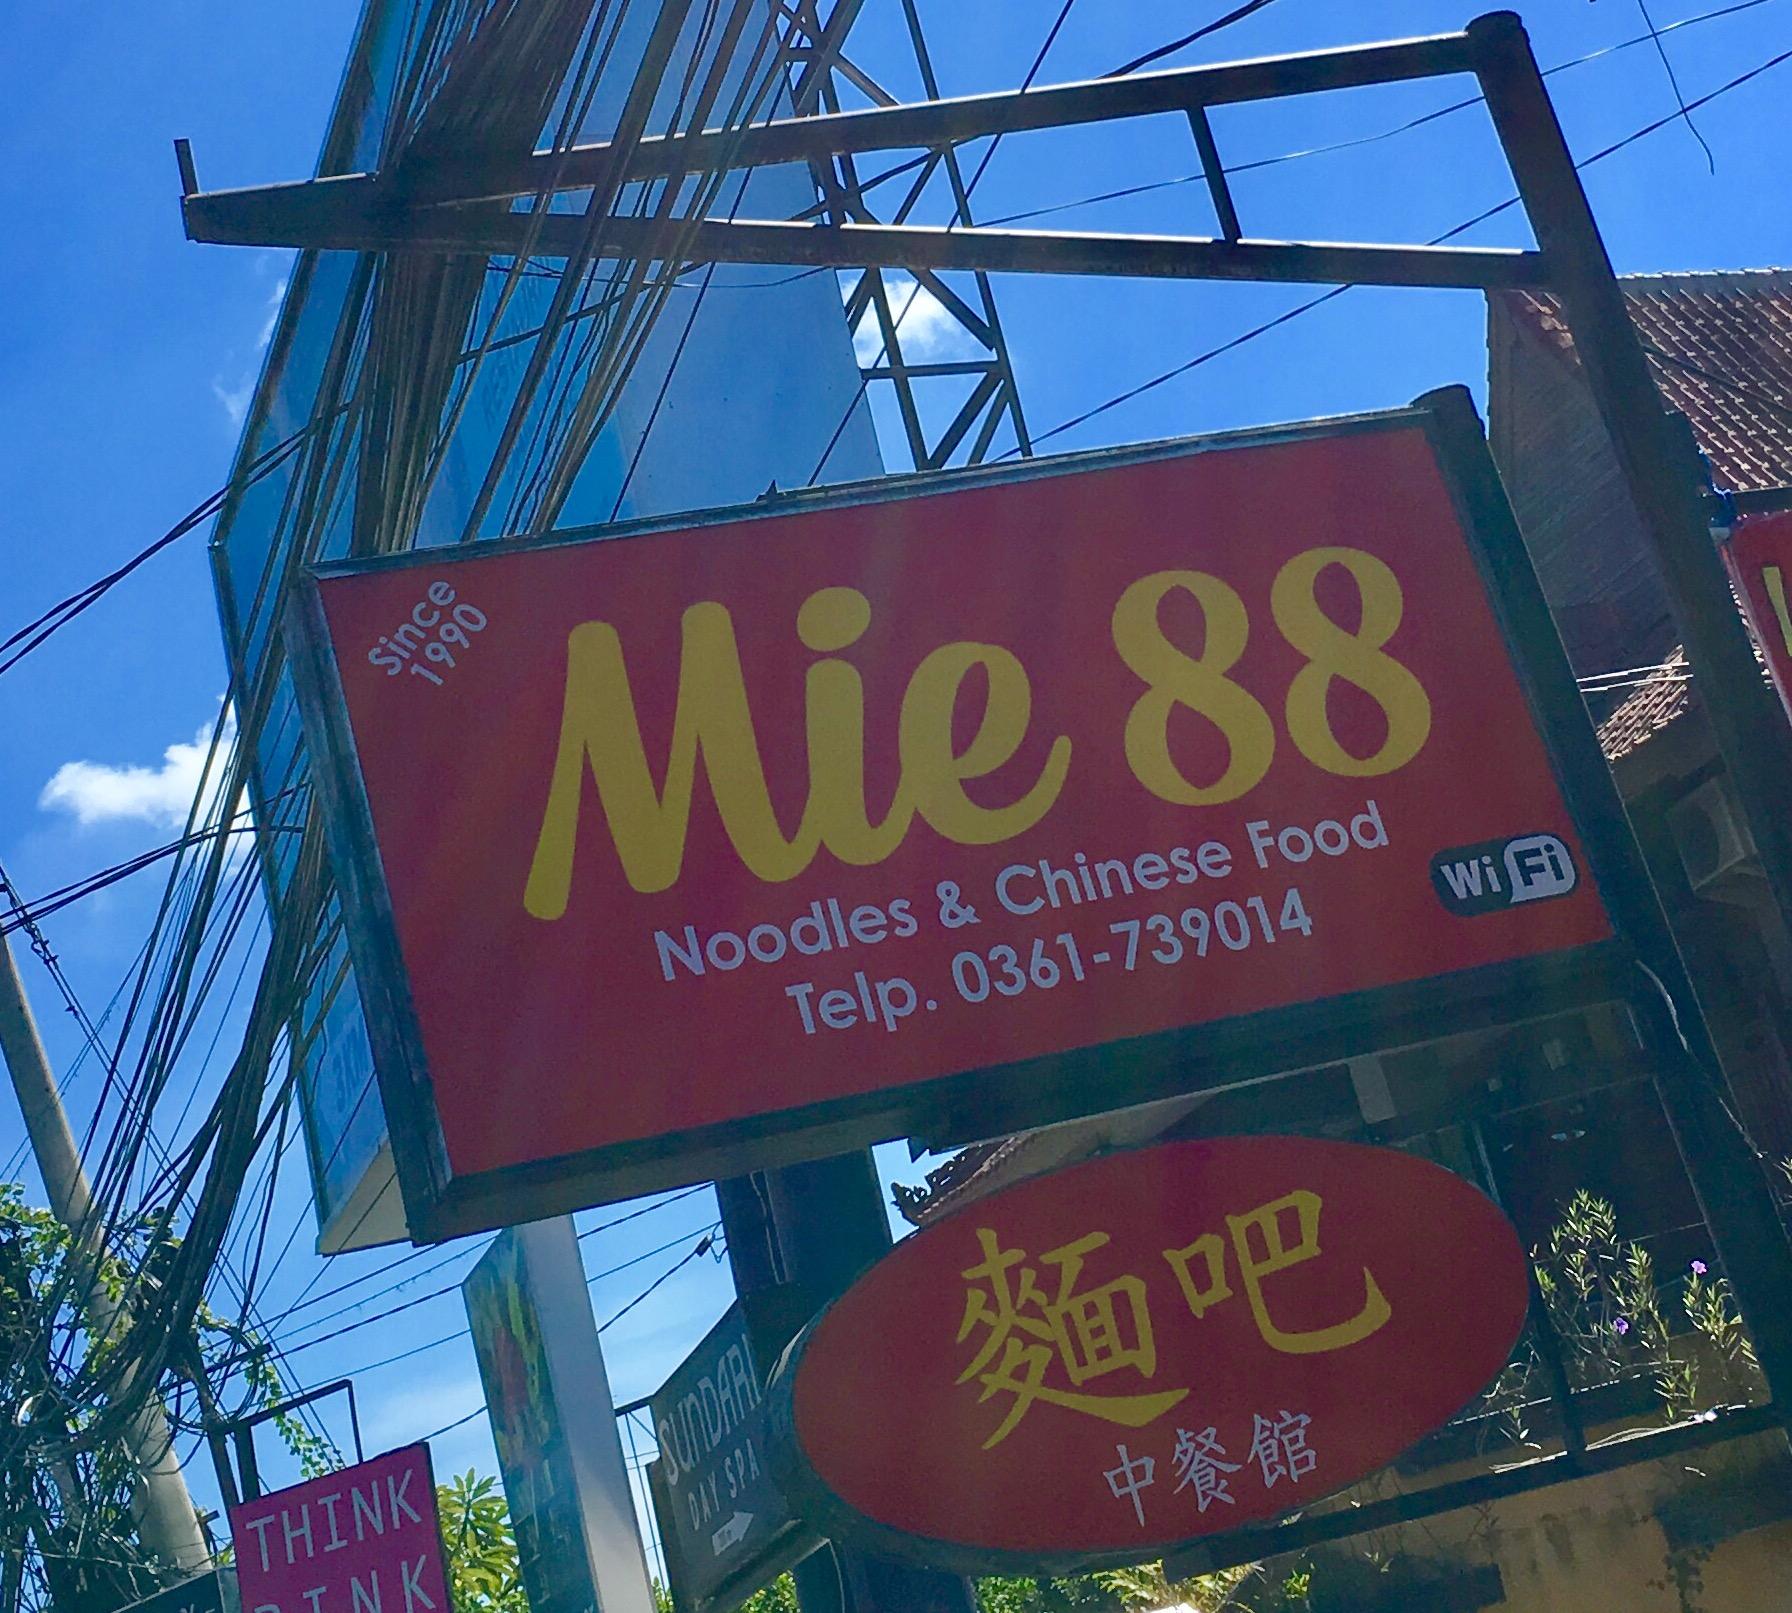 ★【バリ島うまい店】久々MIE88に行ったら壁面アートの顔面がエライことになっていたのさ。【替え玉をくれー】